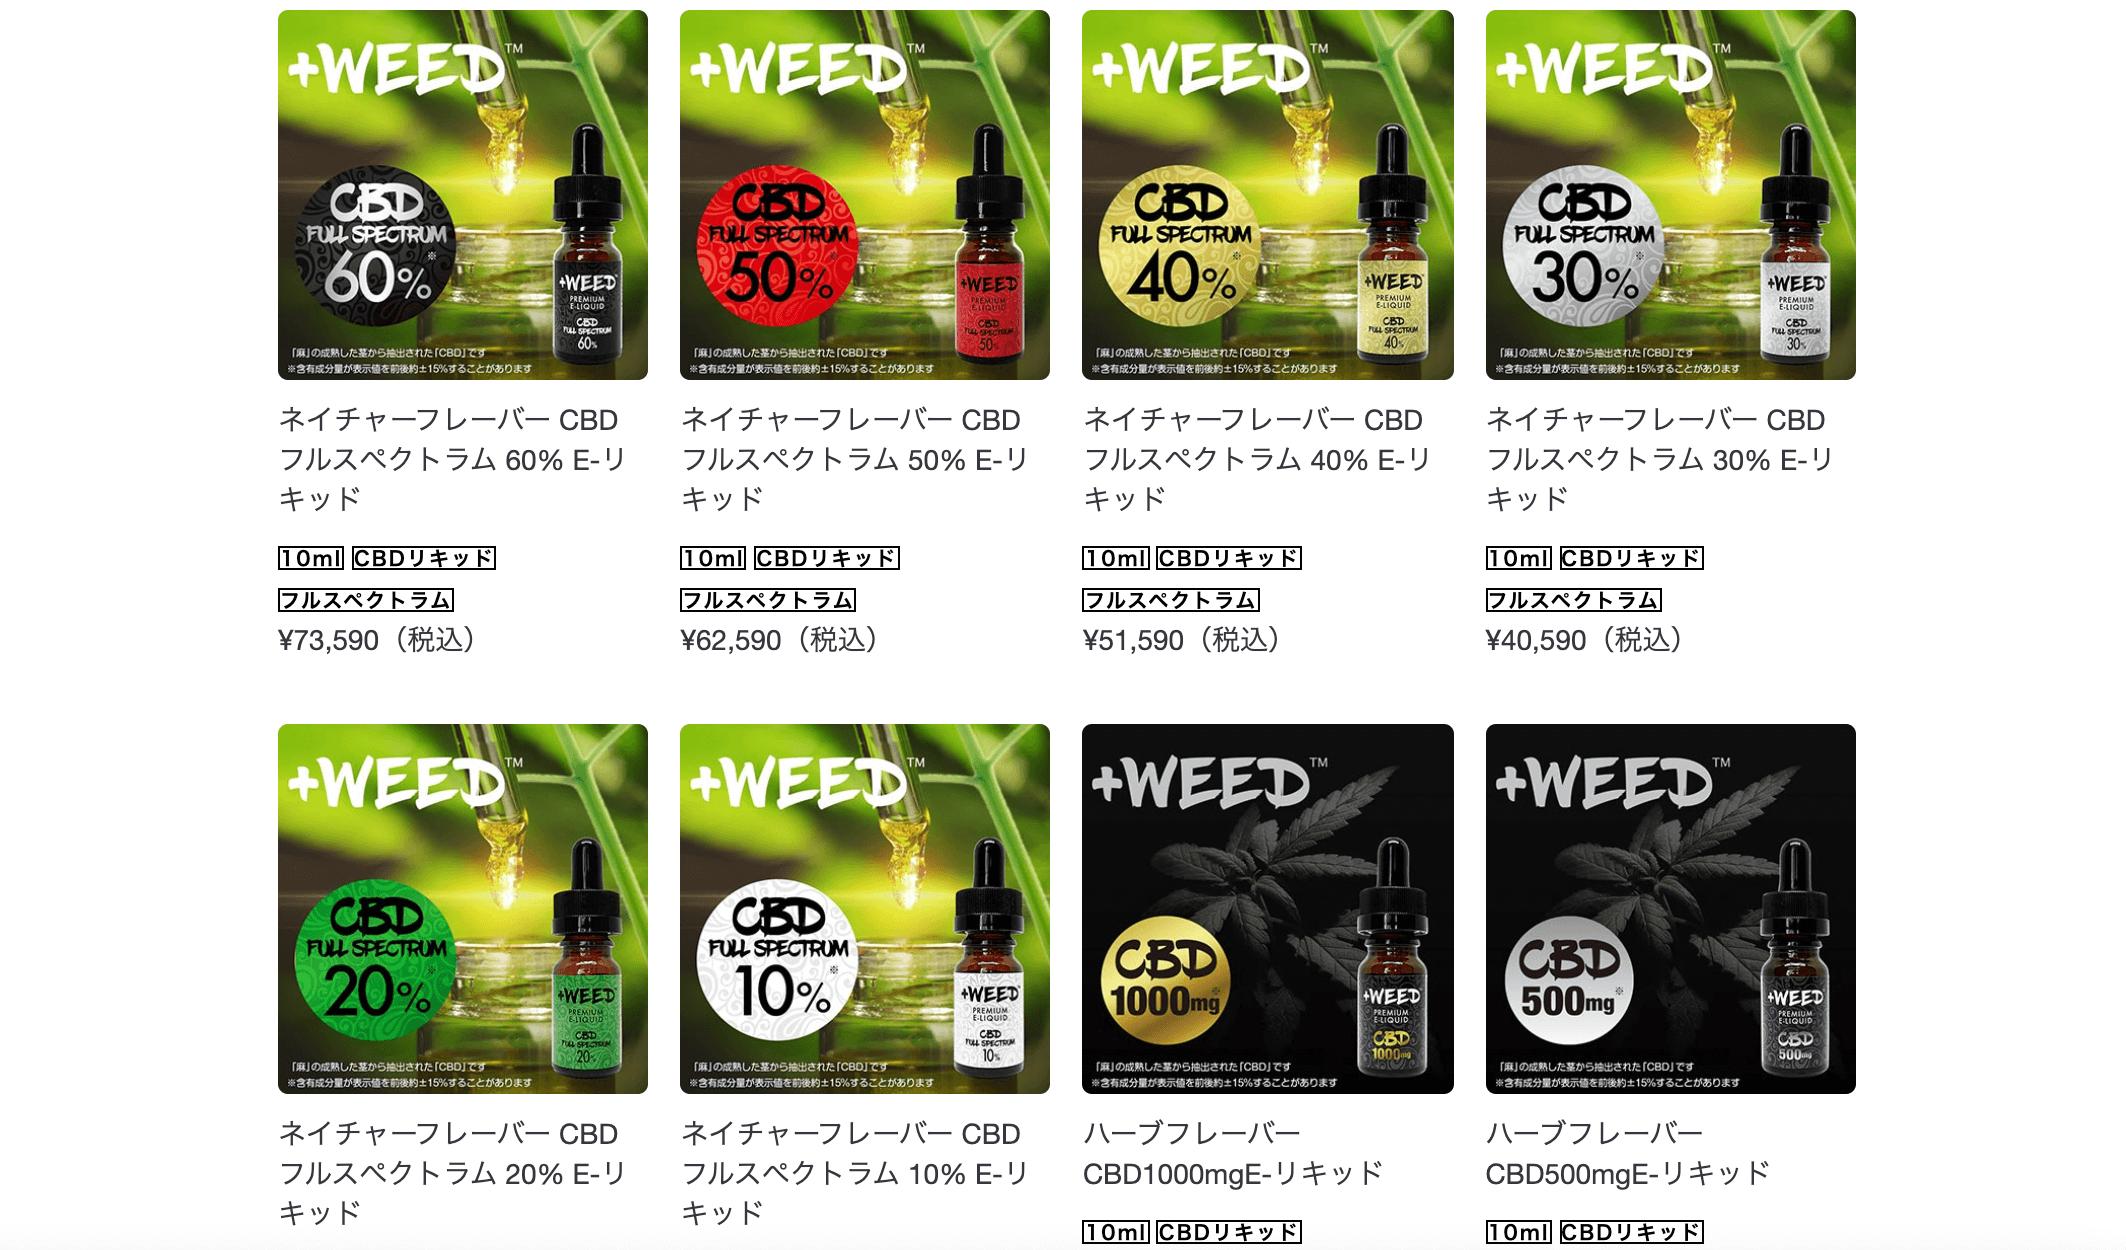 +WEED(プラスウィード)のリキッド